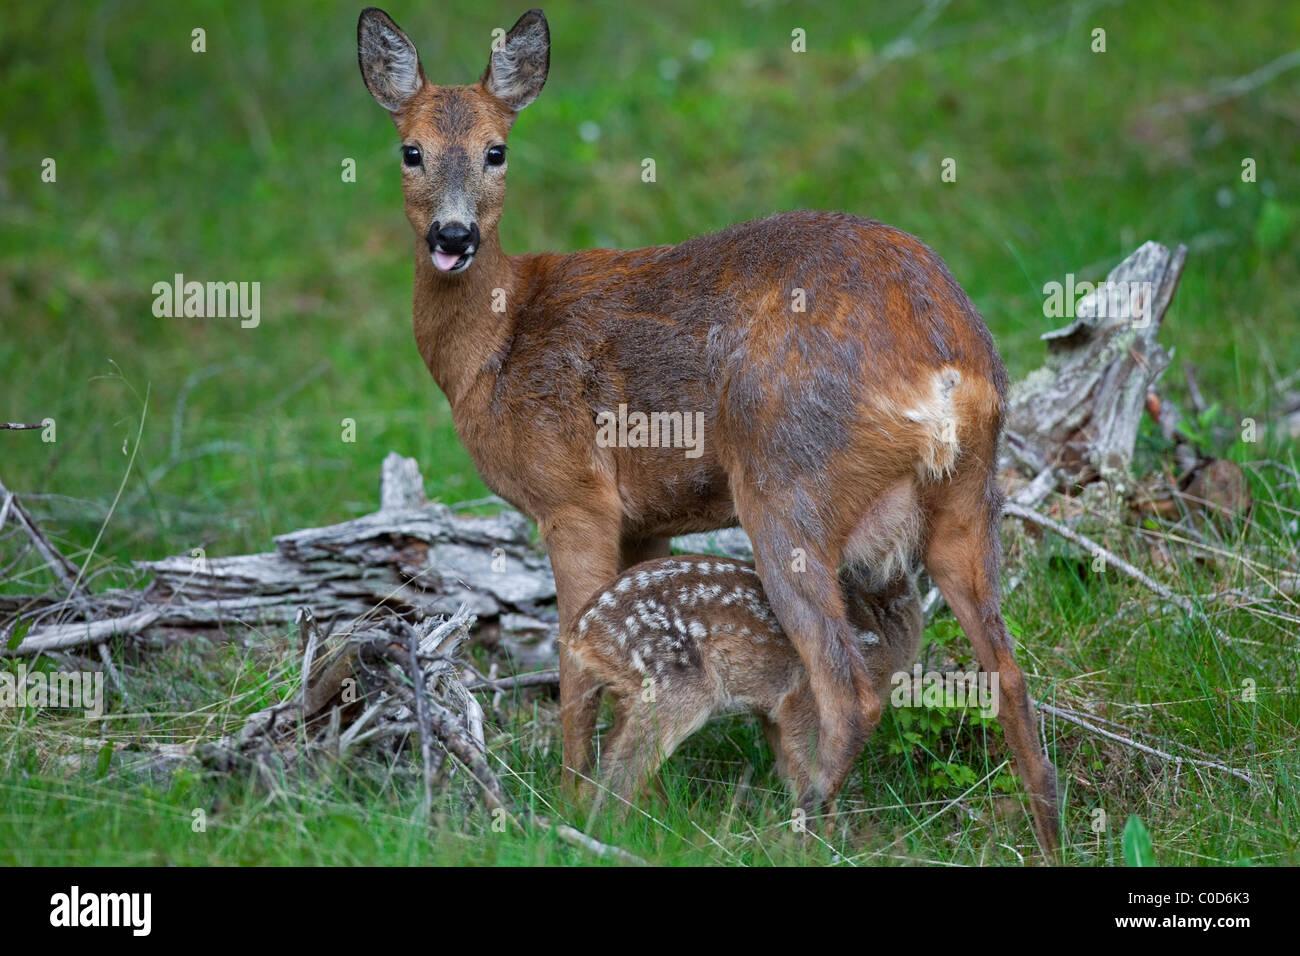 Roe deer (Capreolus capreolus) doe suckling fawn, Jaemtland, Sweden - Stock Image